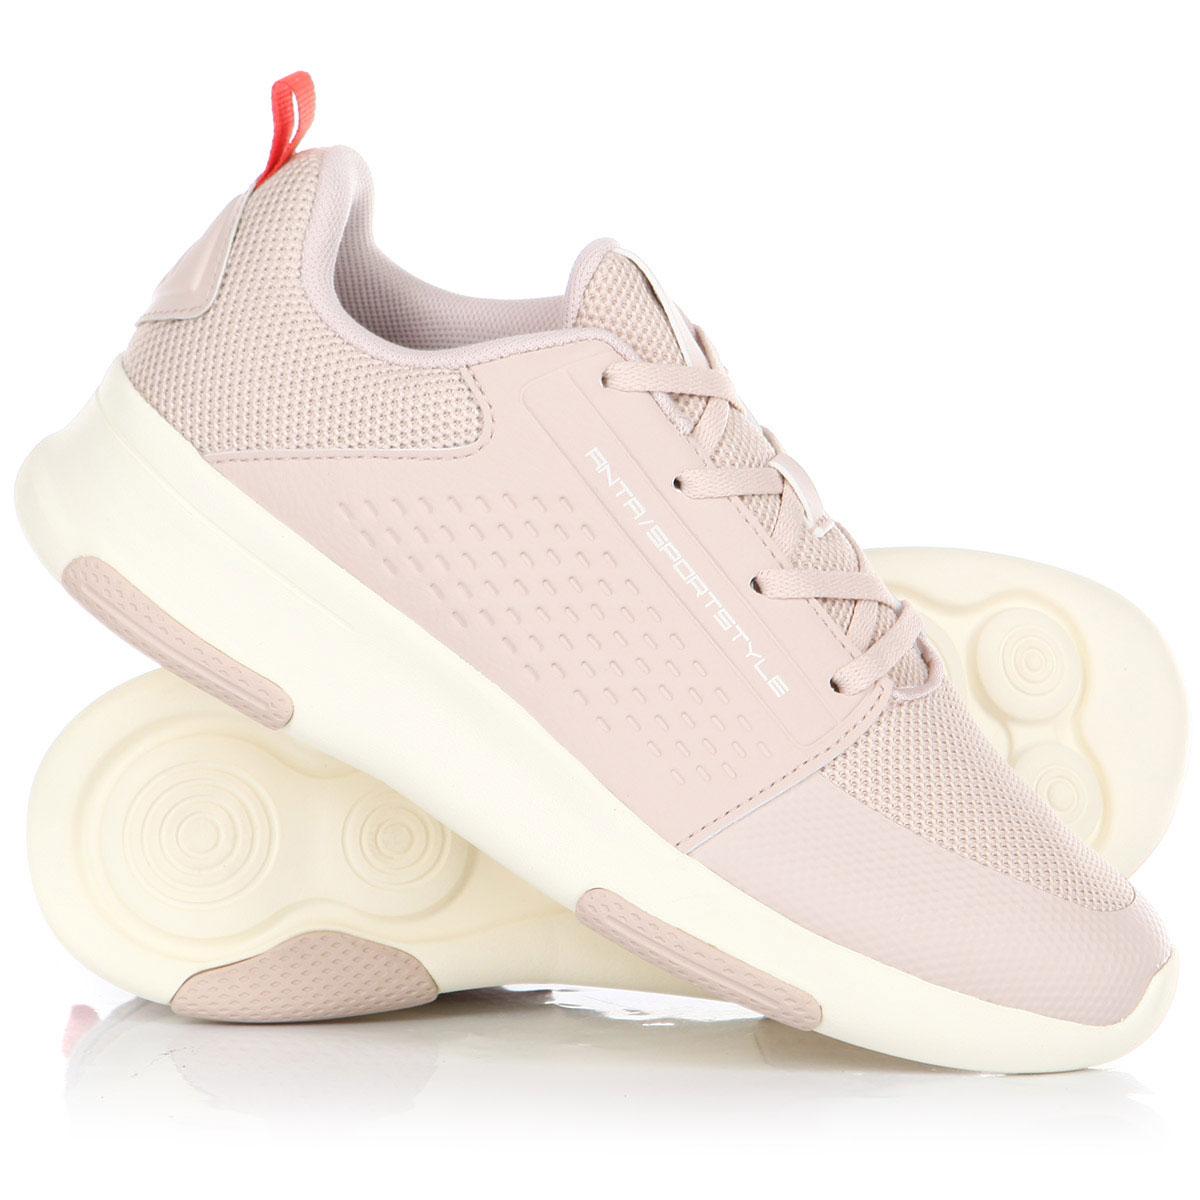 d85f7eff3 Купить женские кроссовки ANTA Lifestyle в интернет-магазине Proskater.by